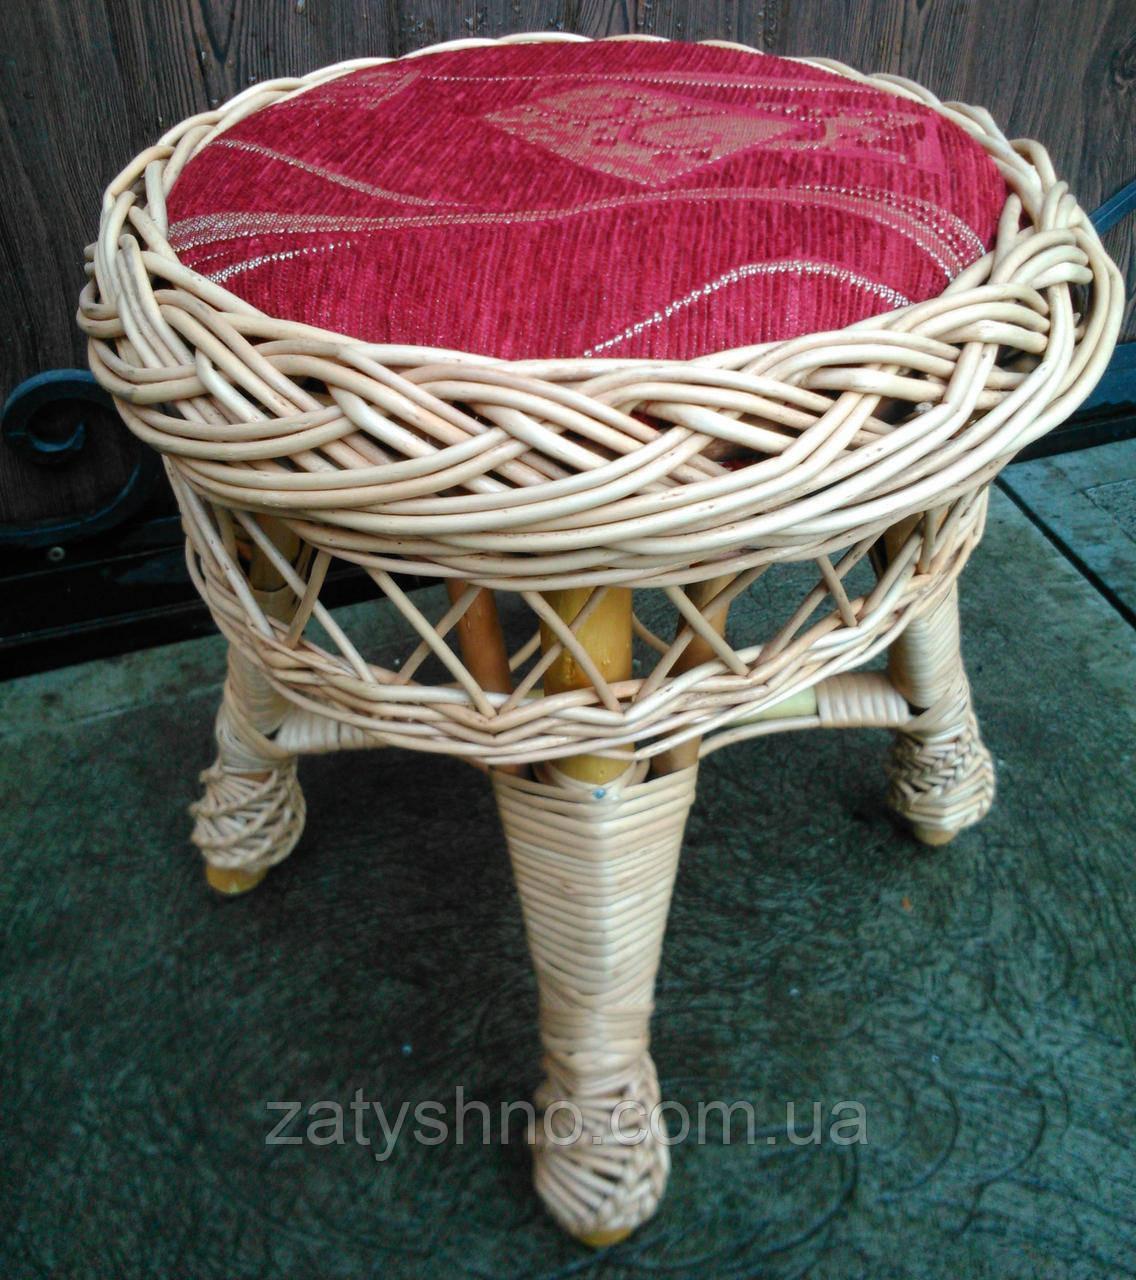 Круглый табурет с красным сиденьем